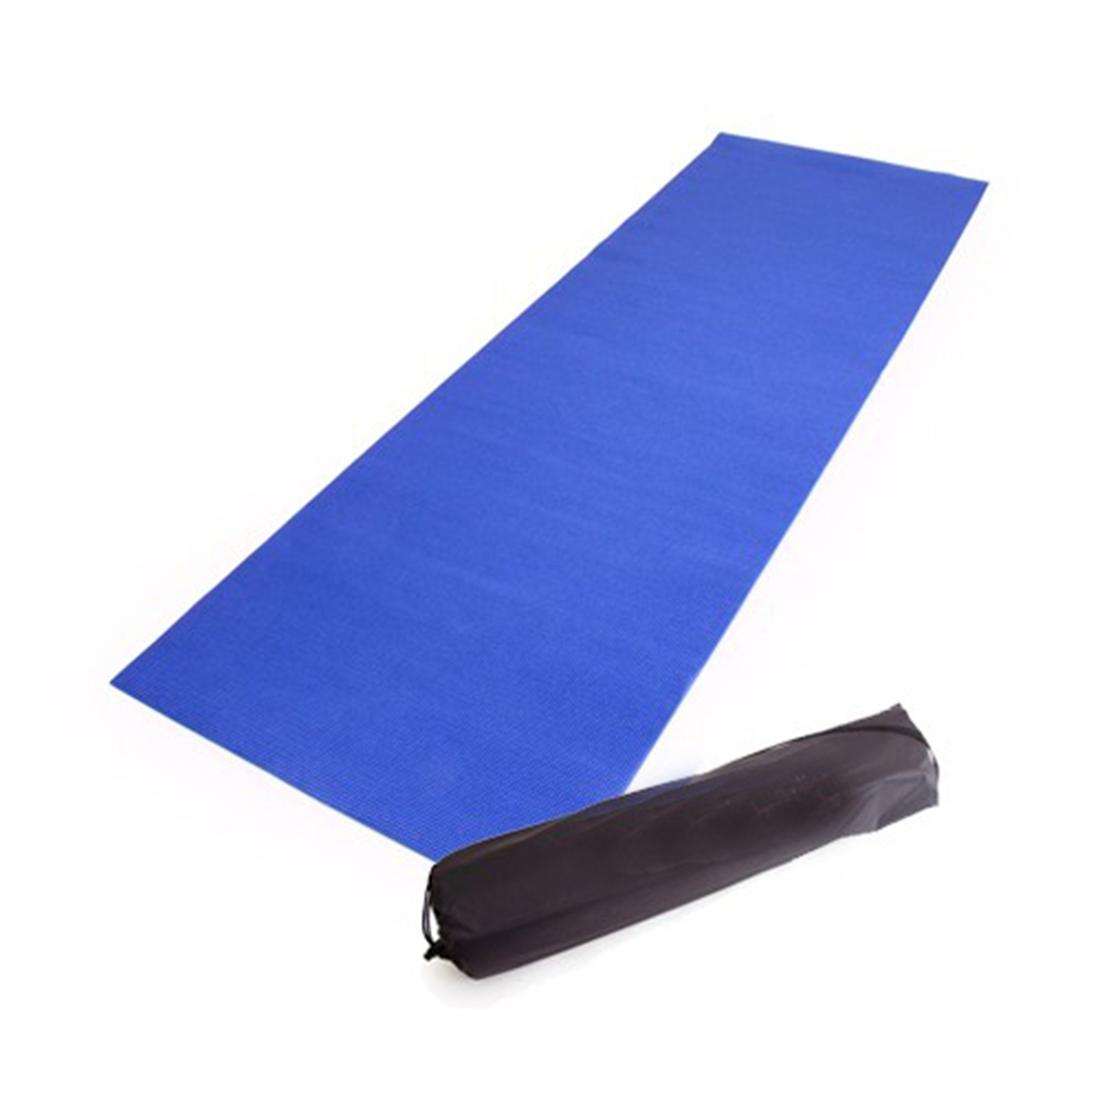 Yoga Mat 60cm x 173cm